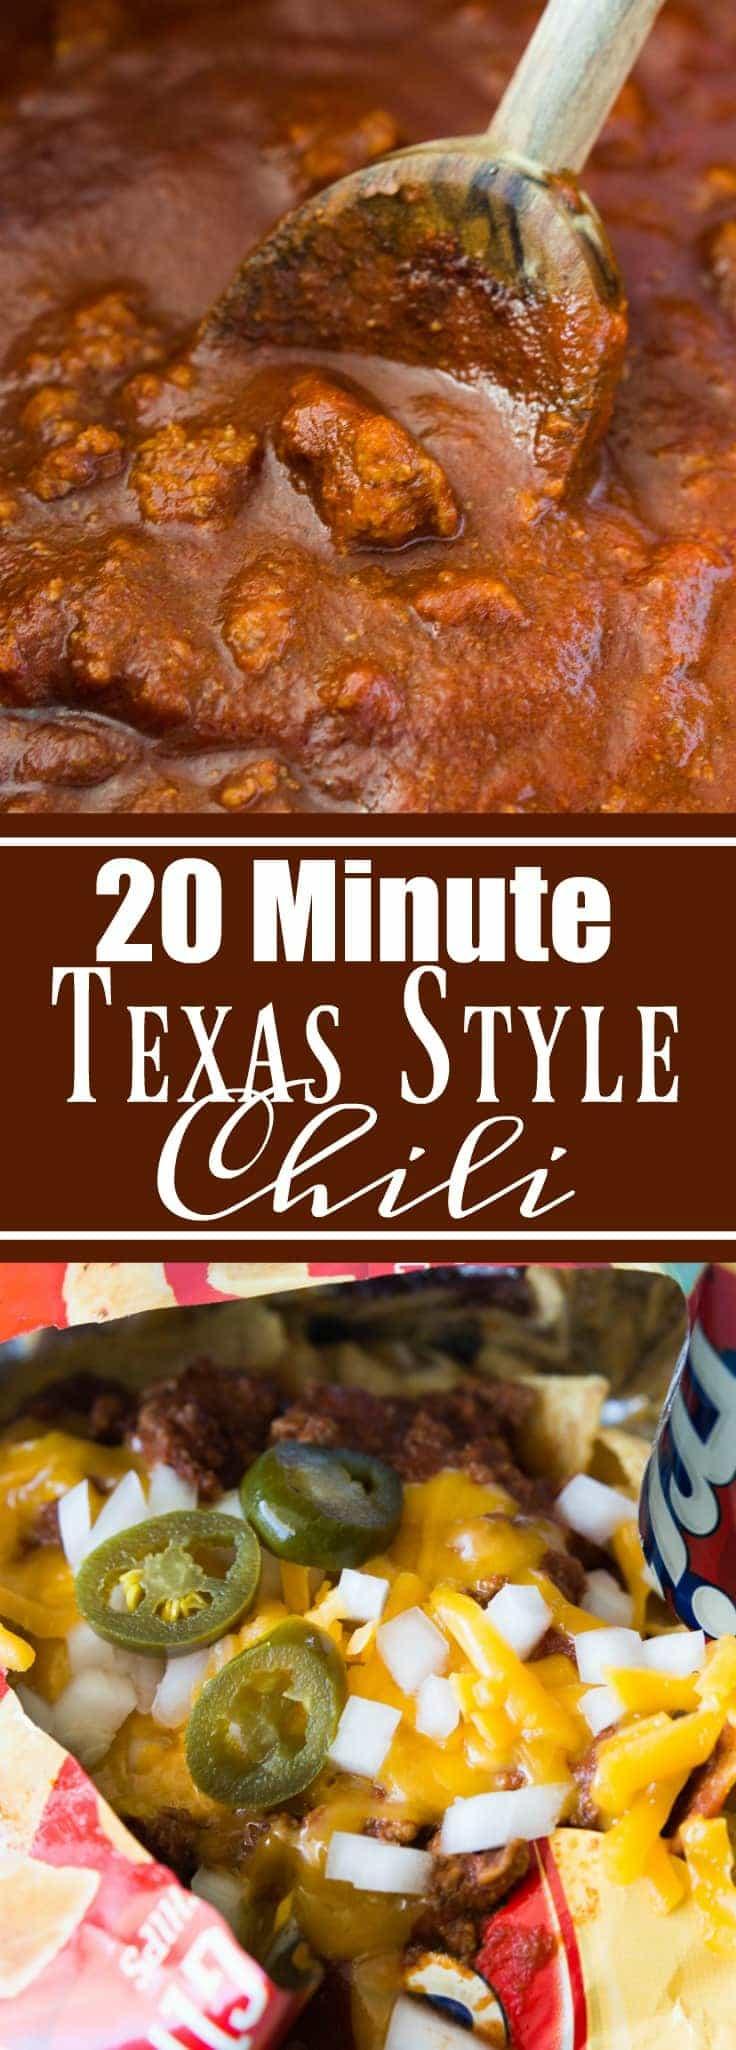 20 Minute Texas Style Chili {+Frito Pie}